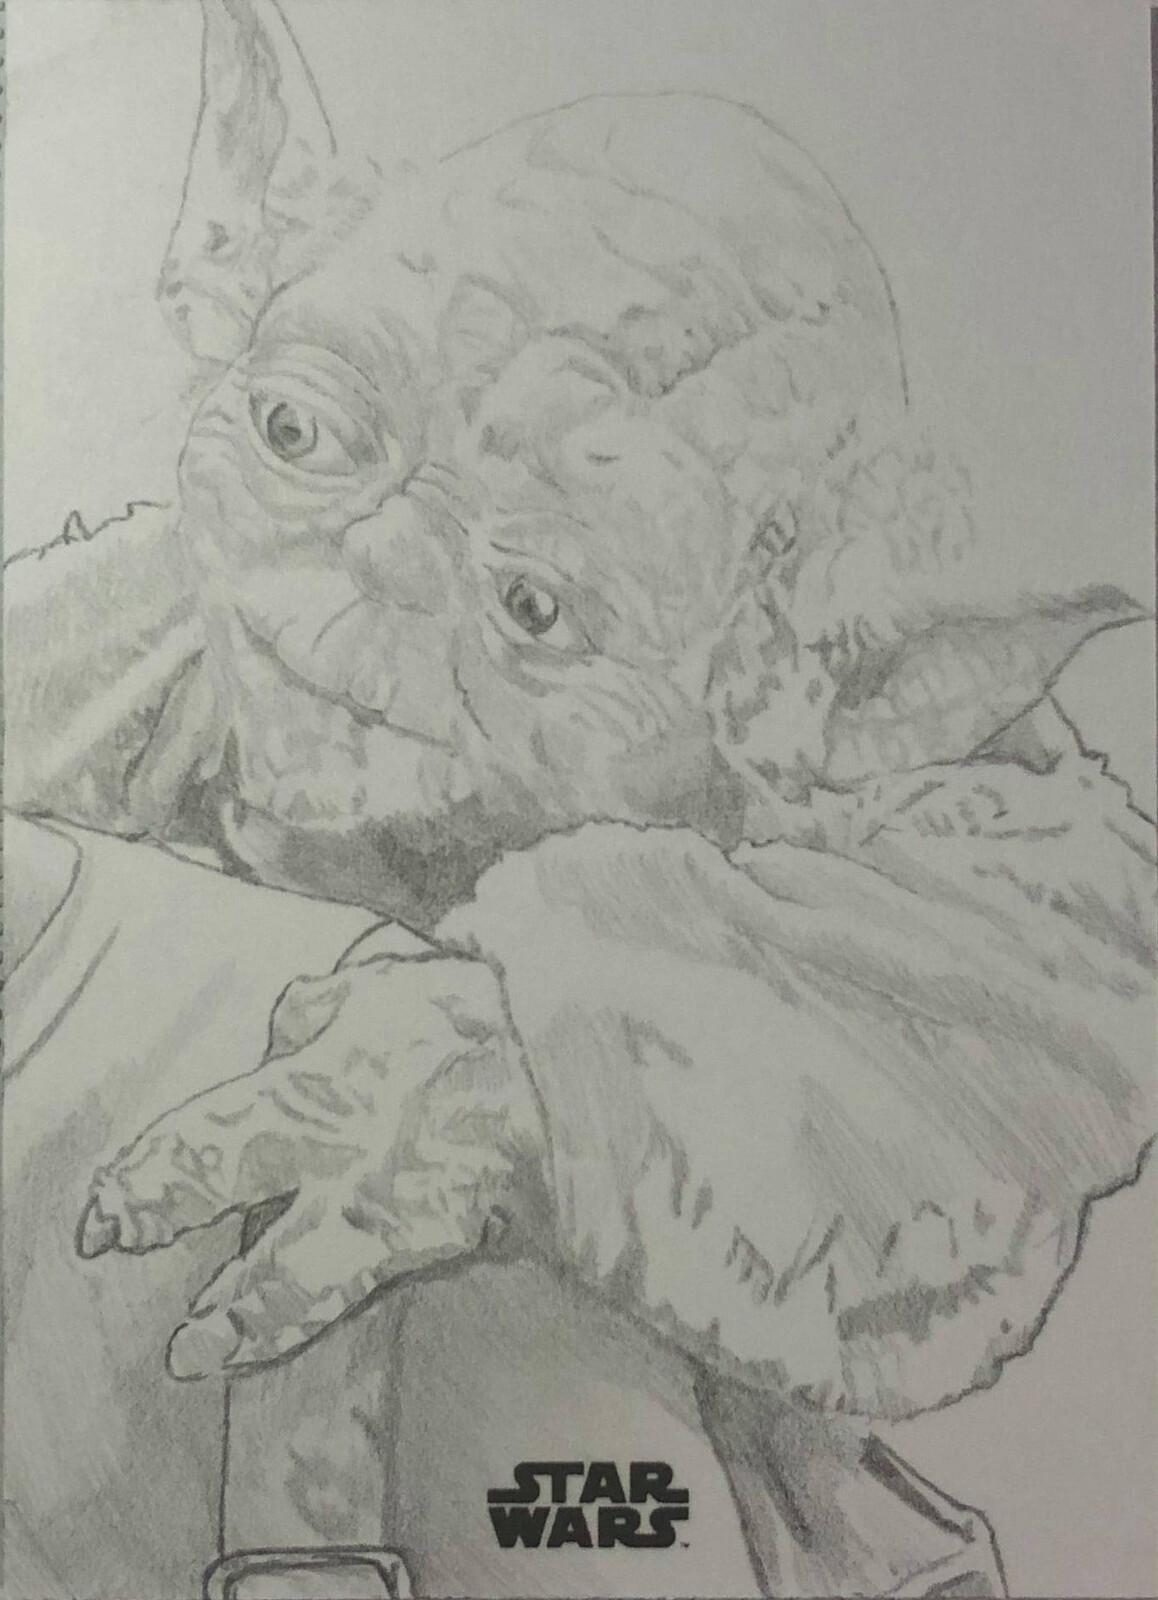 Yoda from Empire Strikes Back